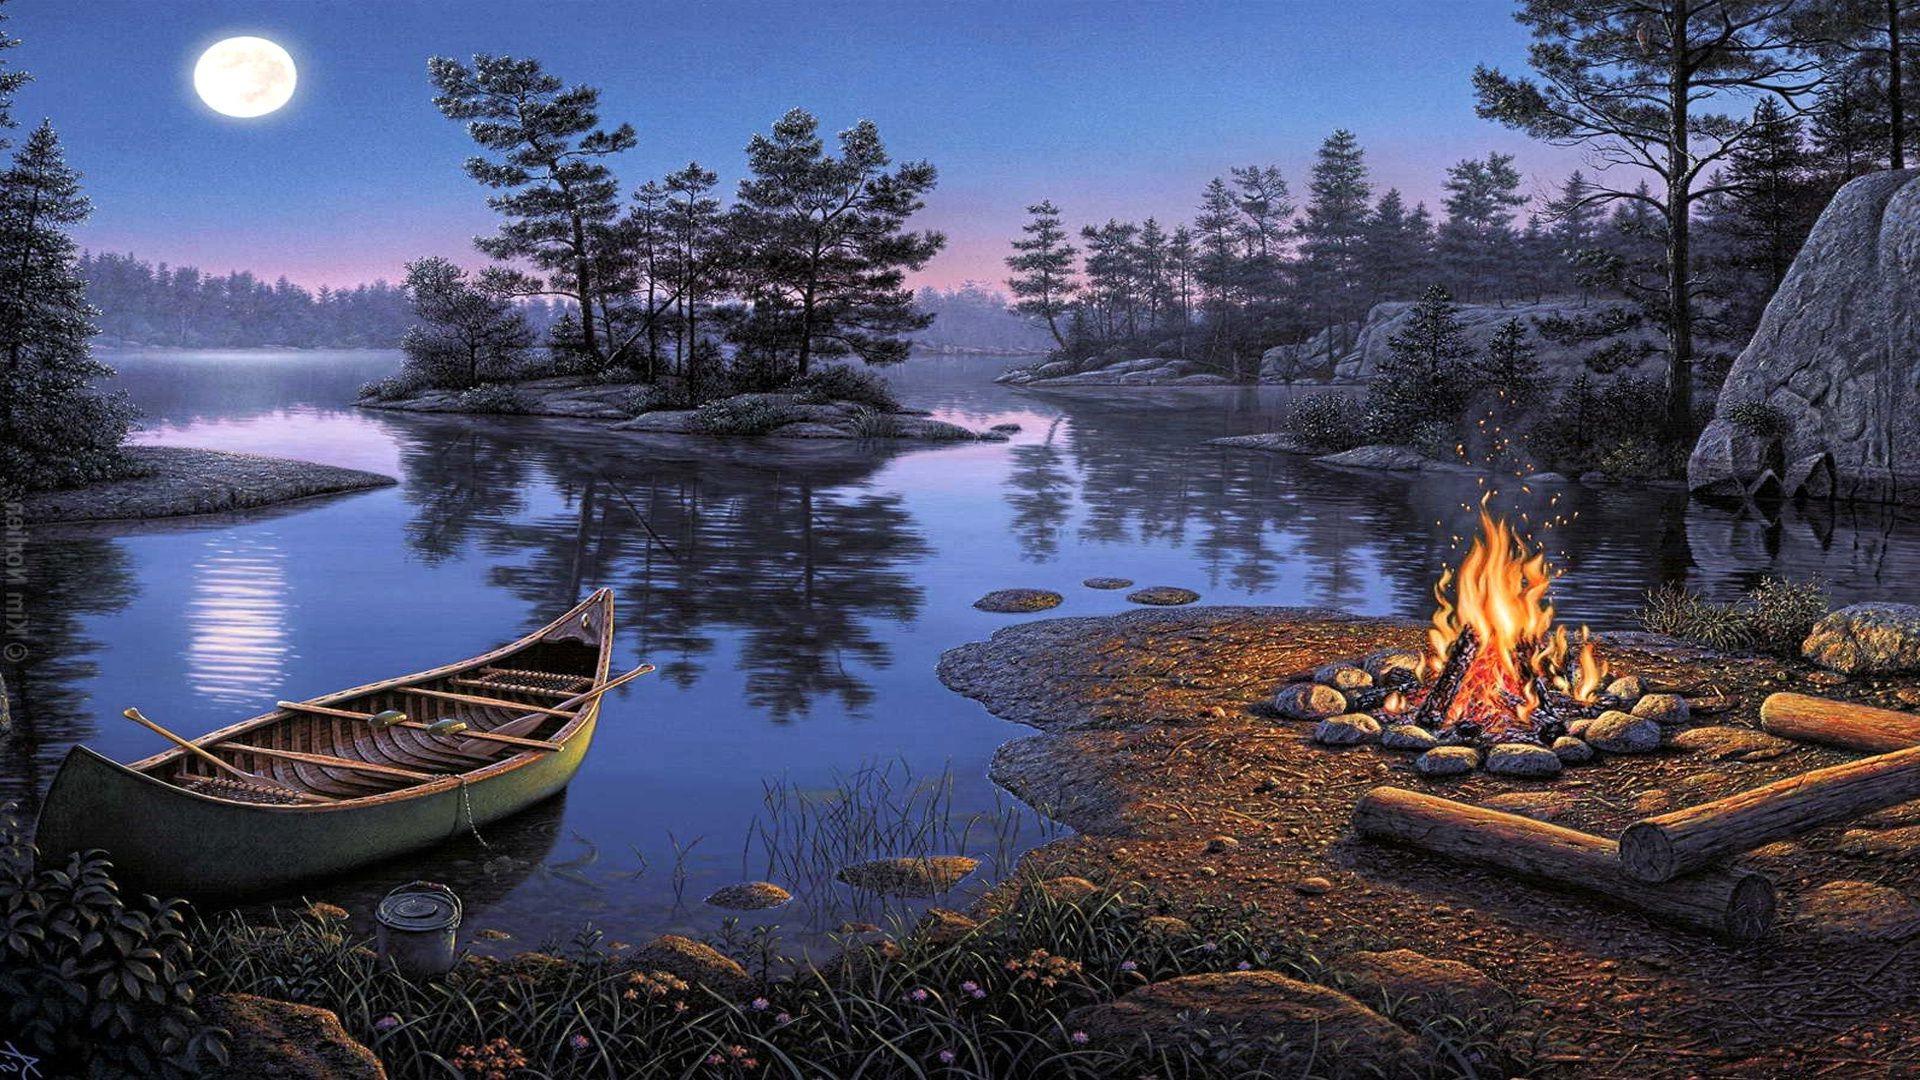 Спокойствие умиротворение огонь костер  № 3560272 загрузить